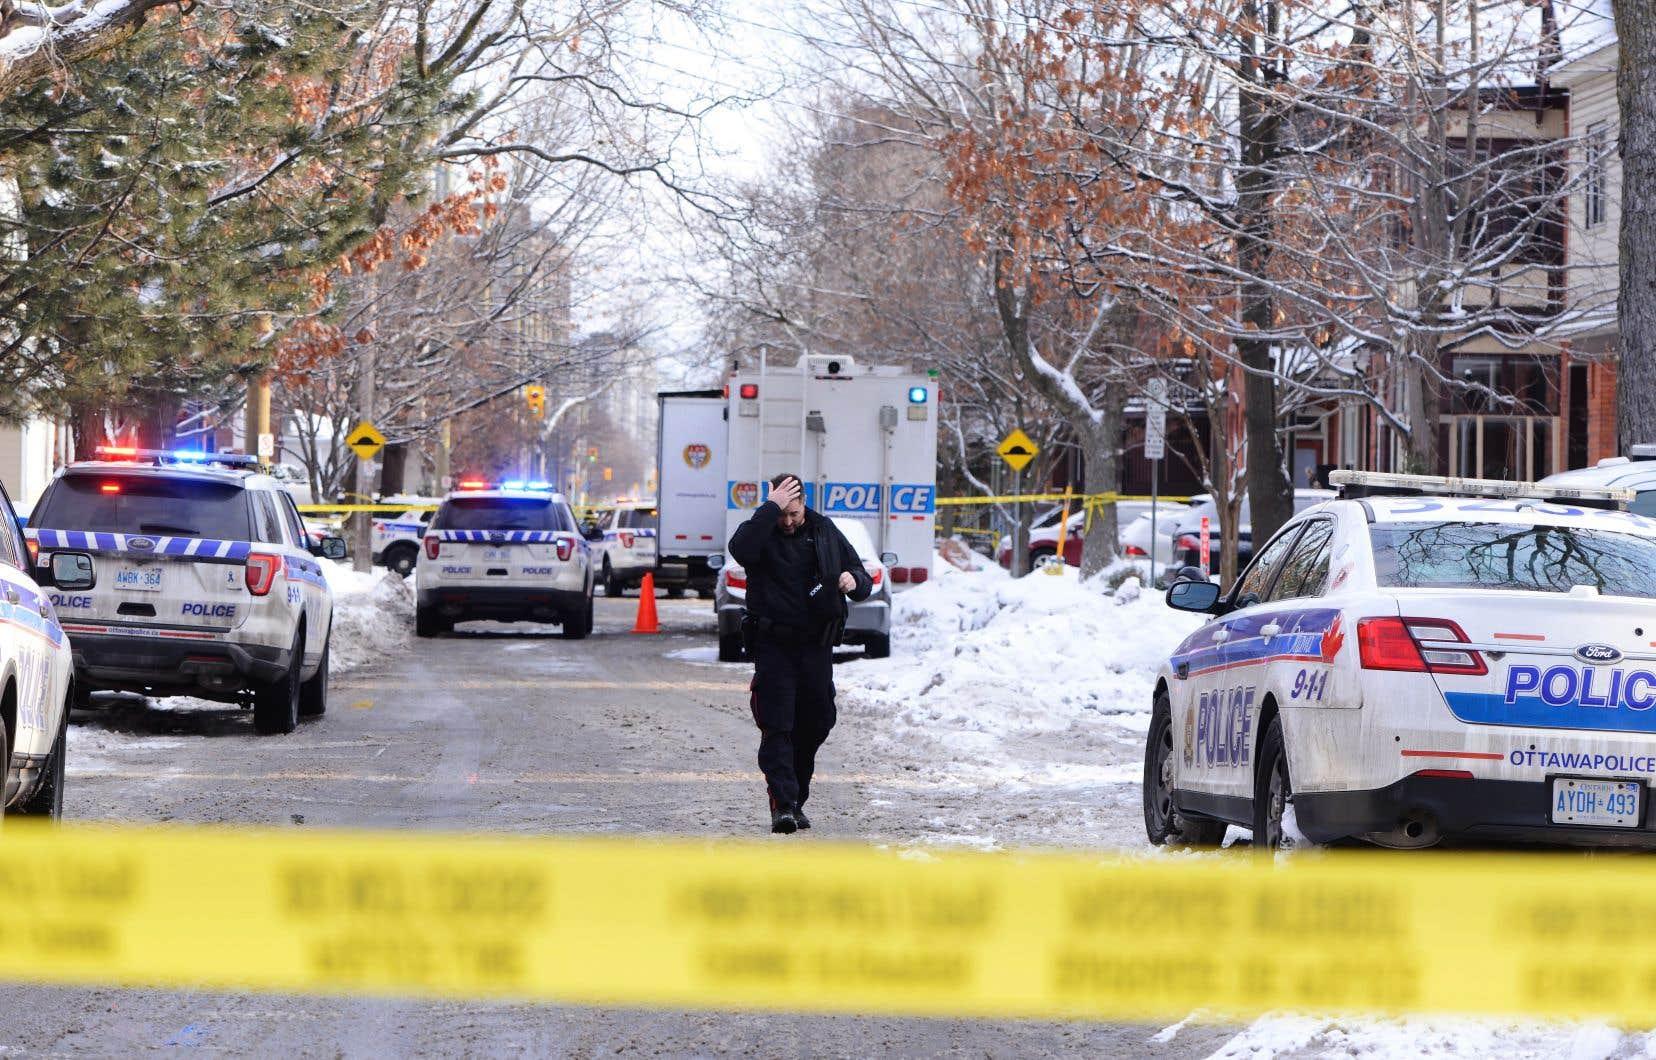 Le lieu de la fusillade est à une dizaine de rues au sud de la colline du Parlement.<br />